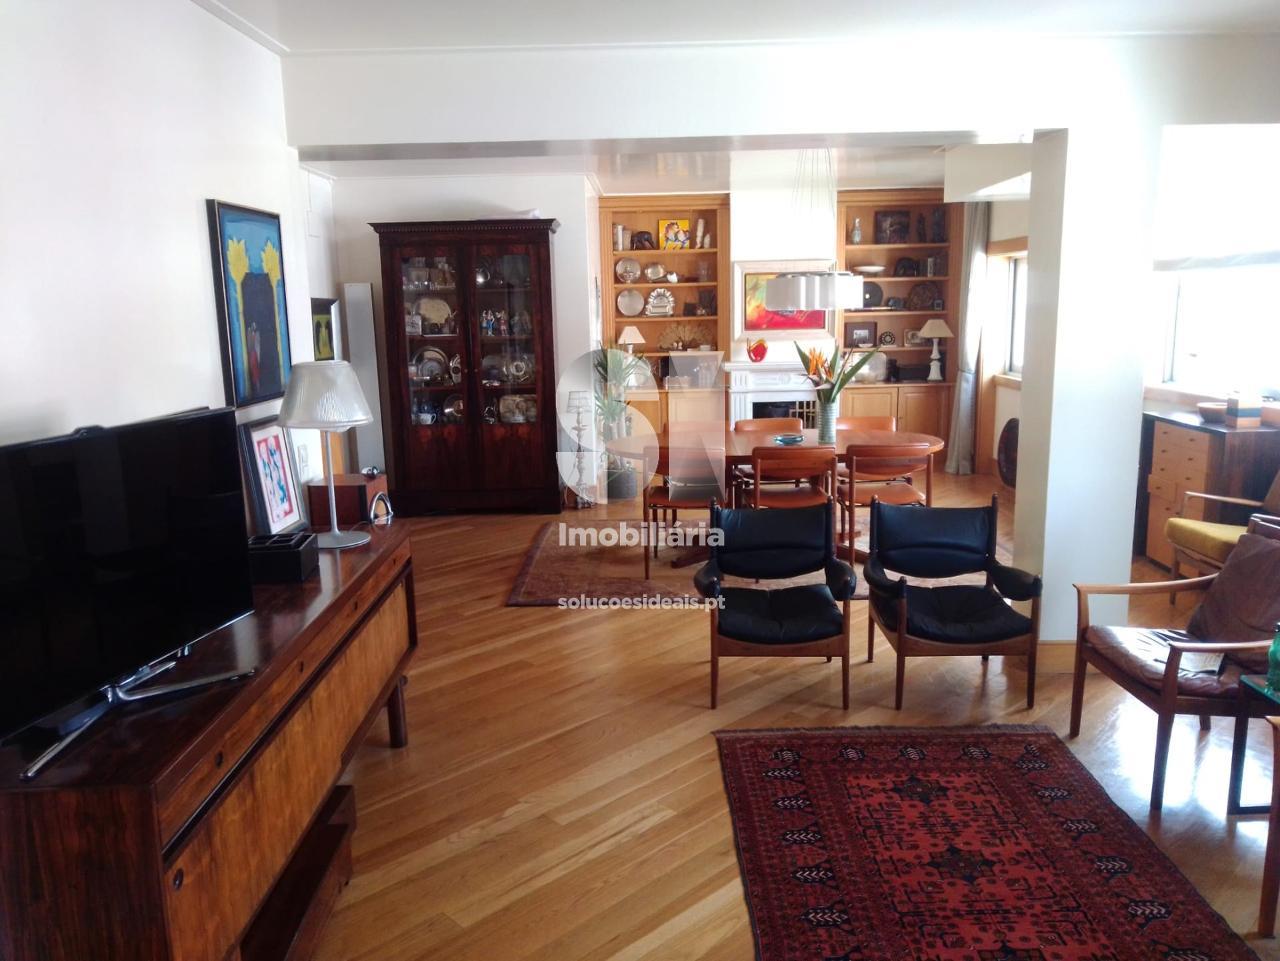 apartamento t4 para compra em coimbra uniao das freguesias de coimbra se nova santa cruz almedina e sao bartolomeu SEDAR9734